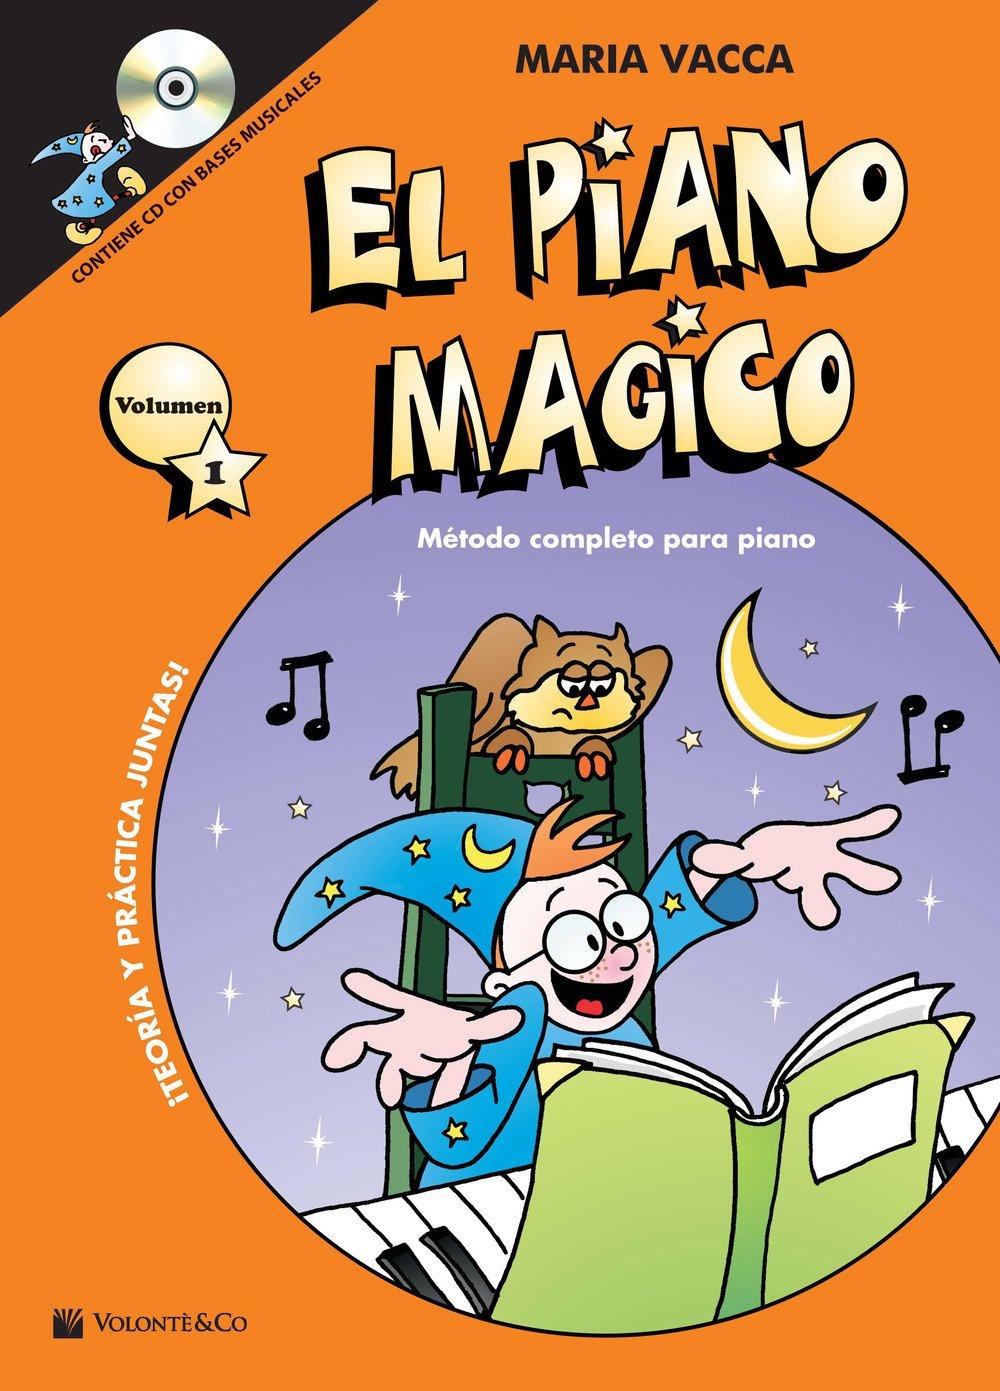 El piano magico. Método completo para piano. Con CD-Audio: 1 Didattica musicali: Amazon.es: Maria Vacca, B. Cerrato: Libros